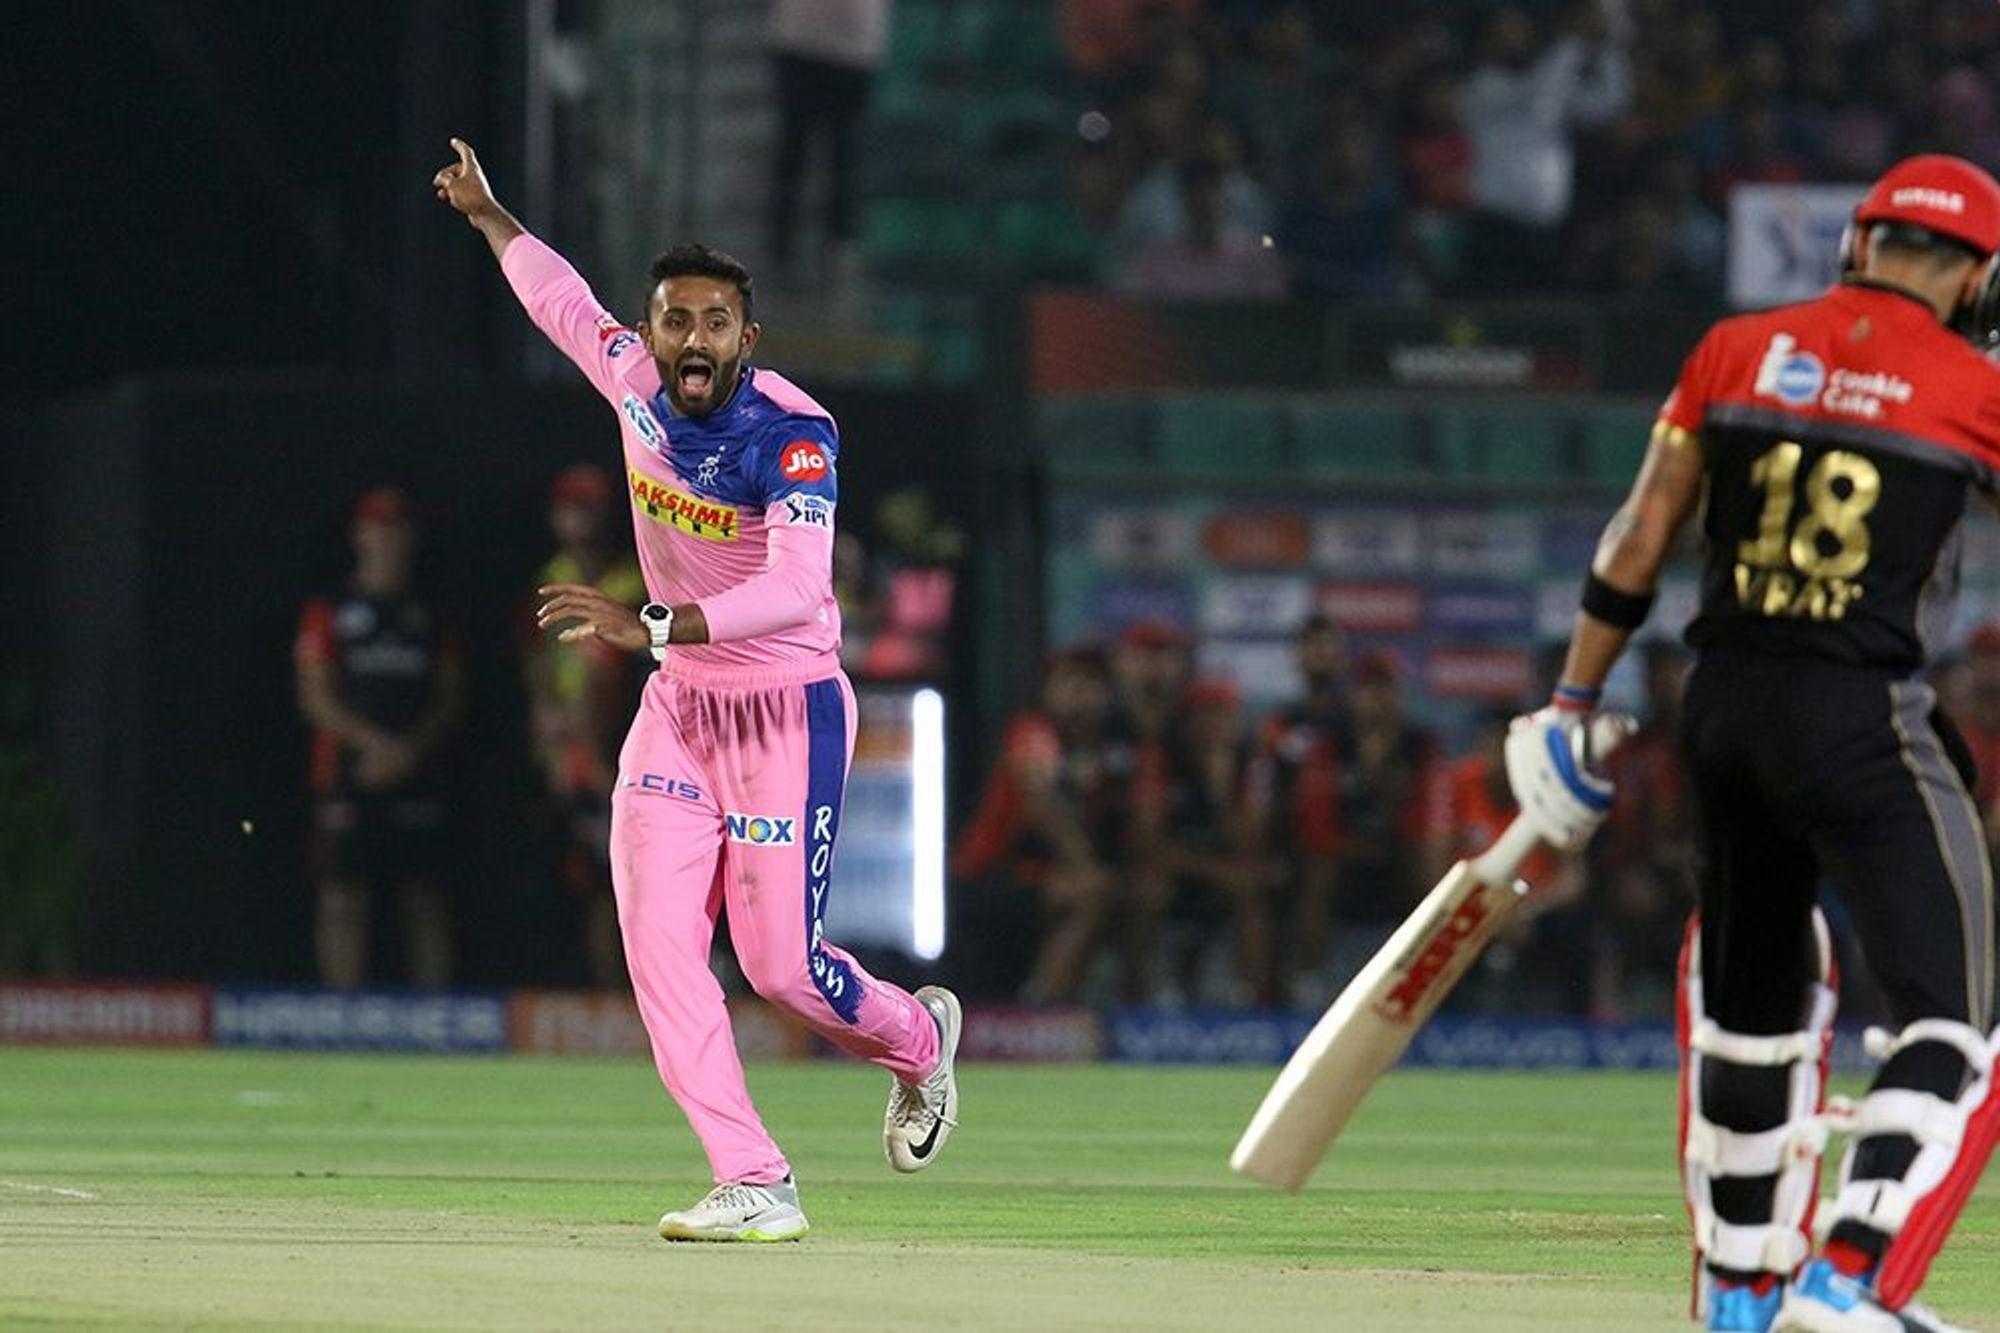 रॉयल चैलेंजर्स बैंगलौर की पारी खत्म, ट्विटर पर छाए श्रेयस गोपाल वहीँ विराट कोहली का उड़ा मजाक 63